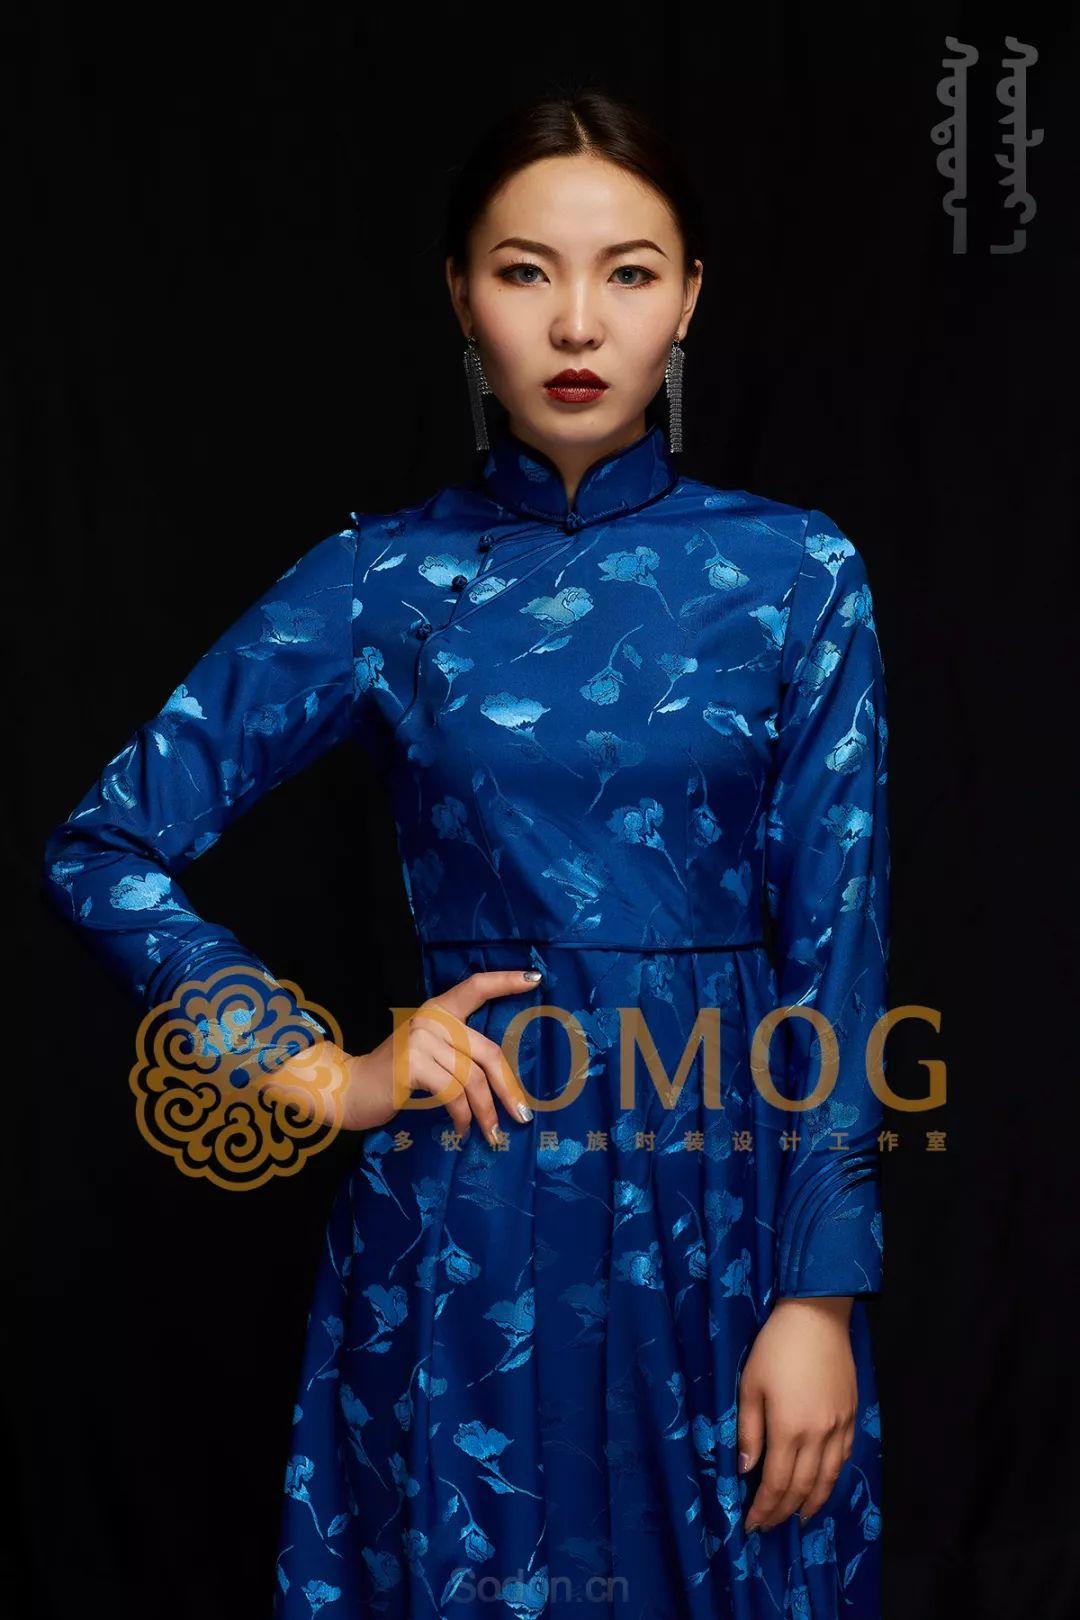 DOMOG蒙古时装绝美秋冬款系列,美出新高度! 第23张